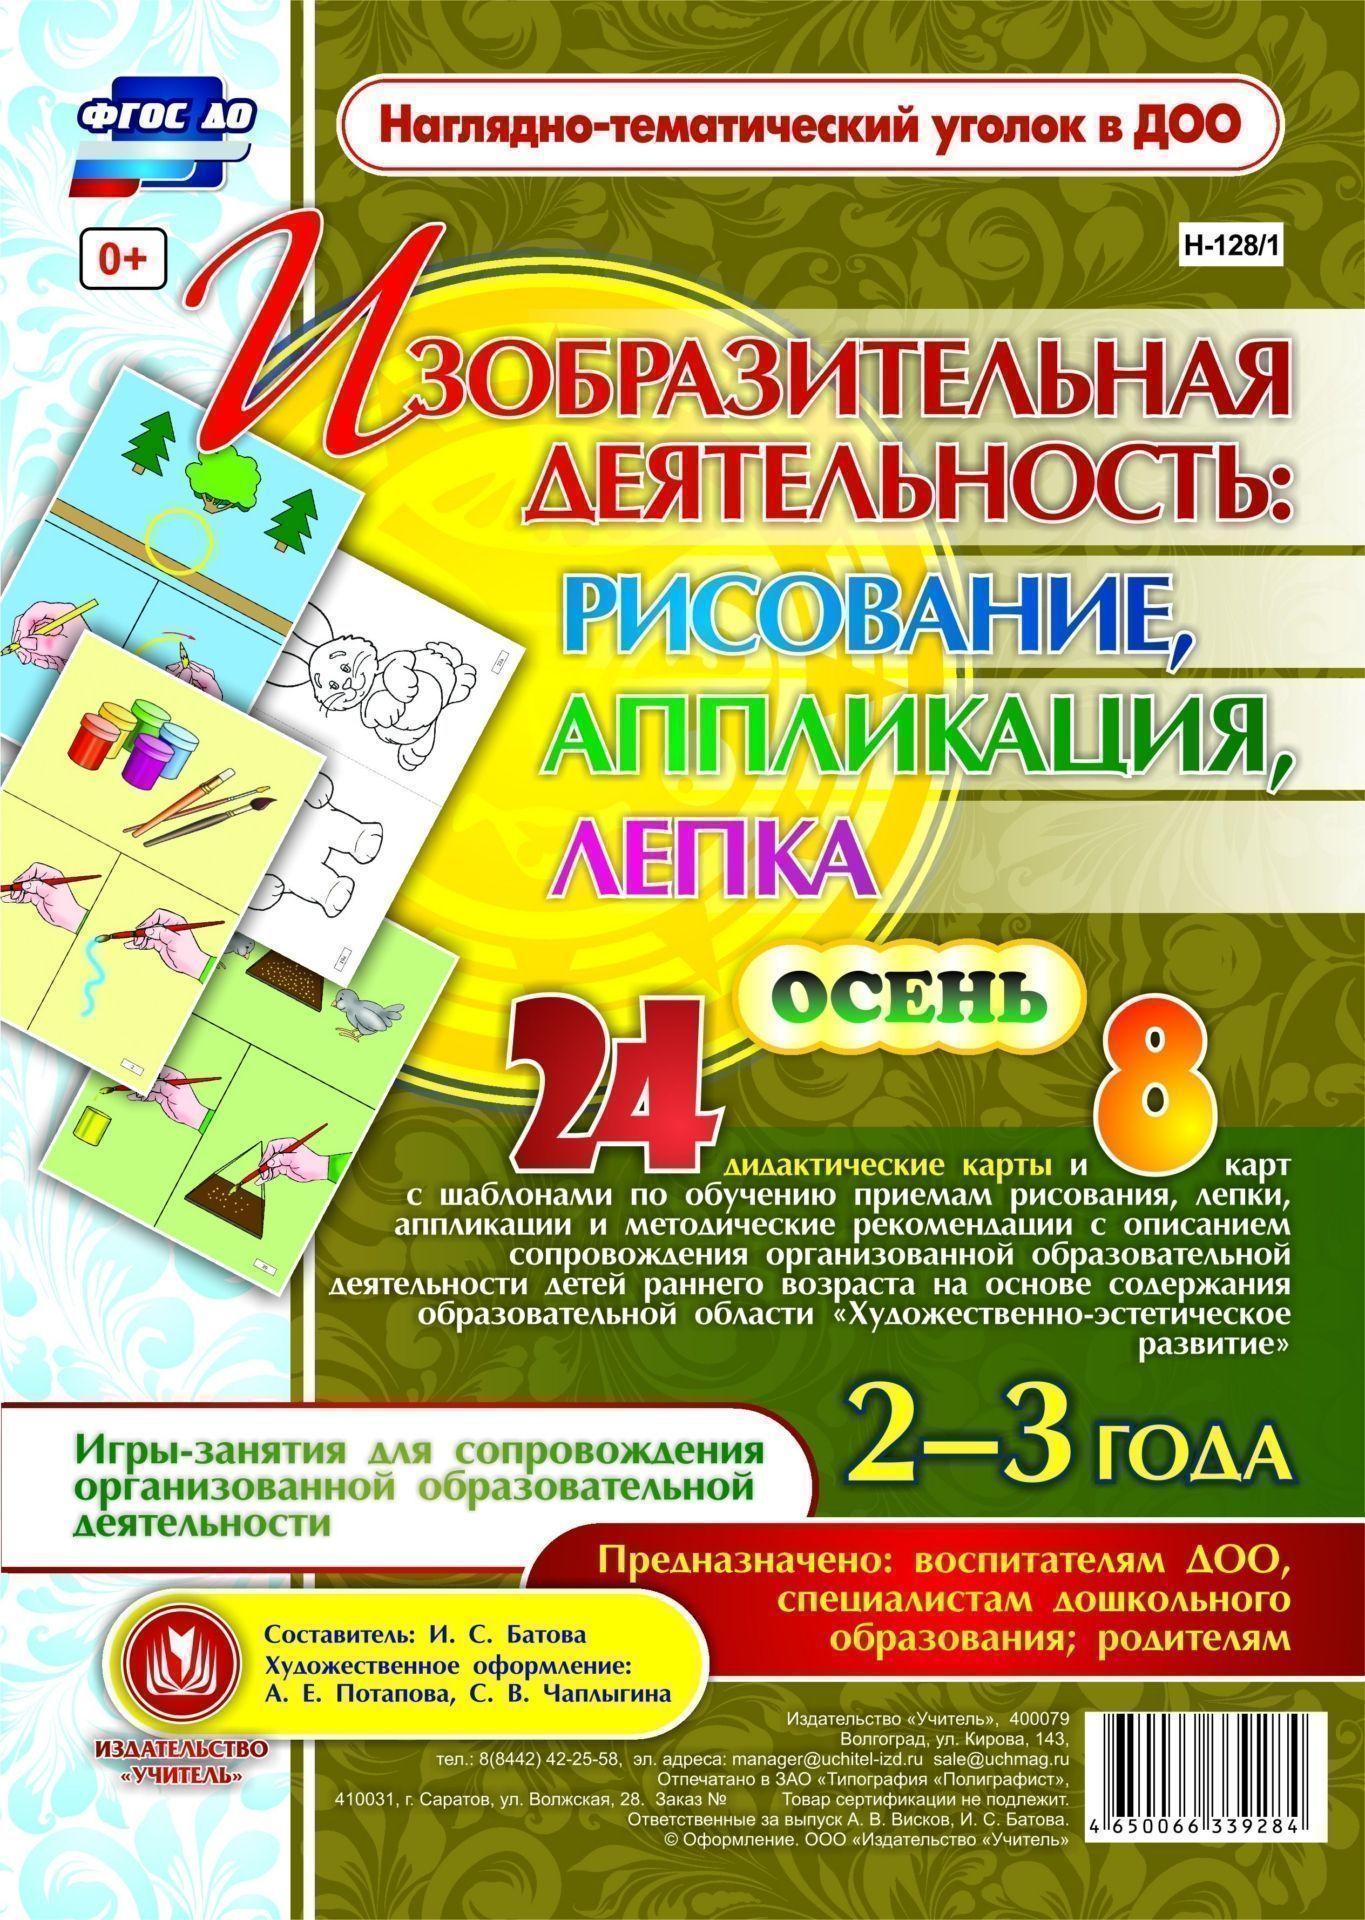 Изобразительная деятельность: рисование, лепка, аппликация. Игры-занятия для сопровождения организованной образовательной деятельности детей 2-3 лет. Осень: 24 дидактические карты и 8 карт с шаблонами